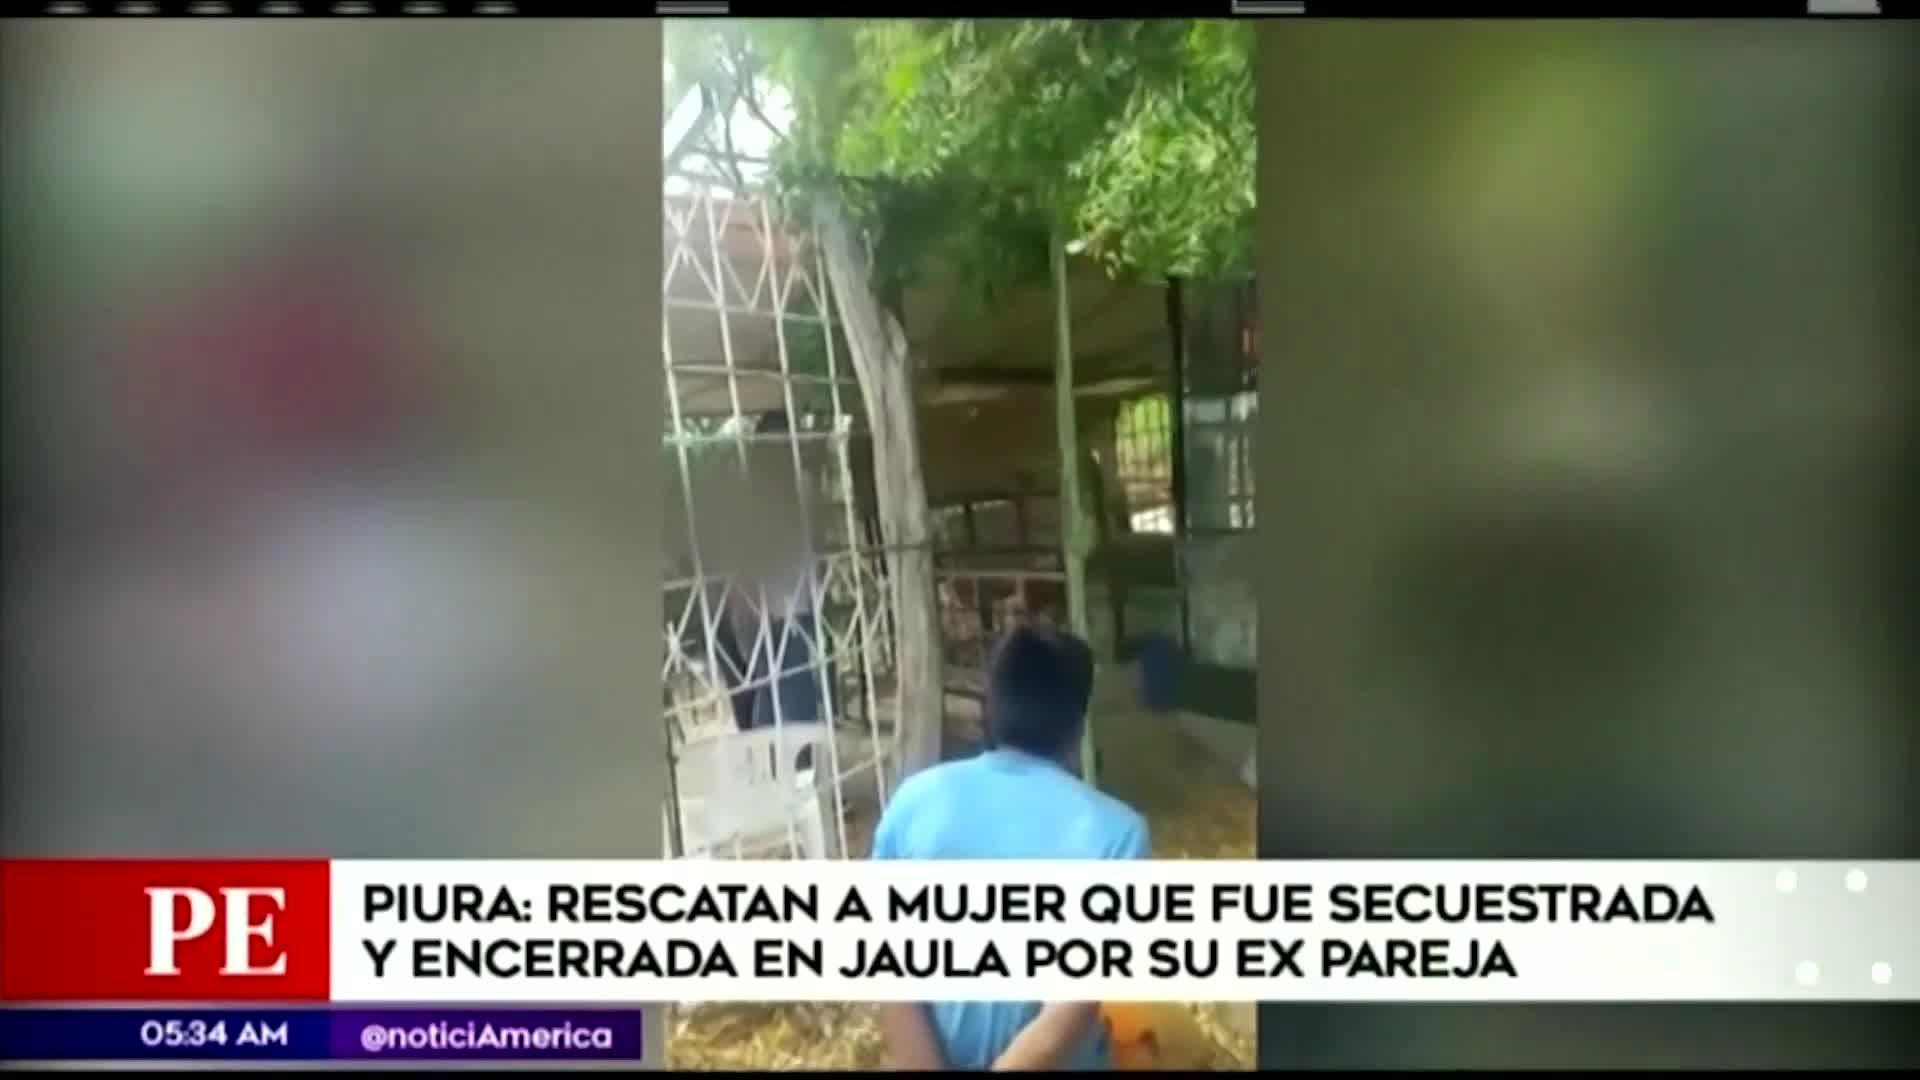 Piura: mujer fue secuestrada y encerrada en una jaula por su expareja tras terminar relación